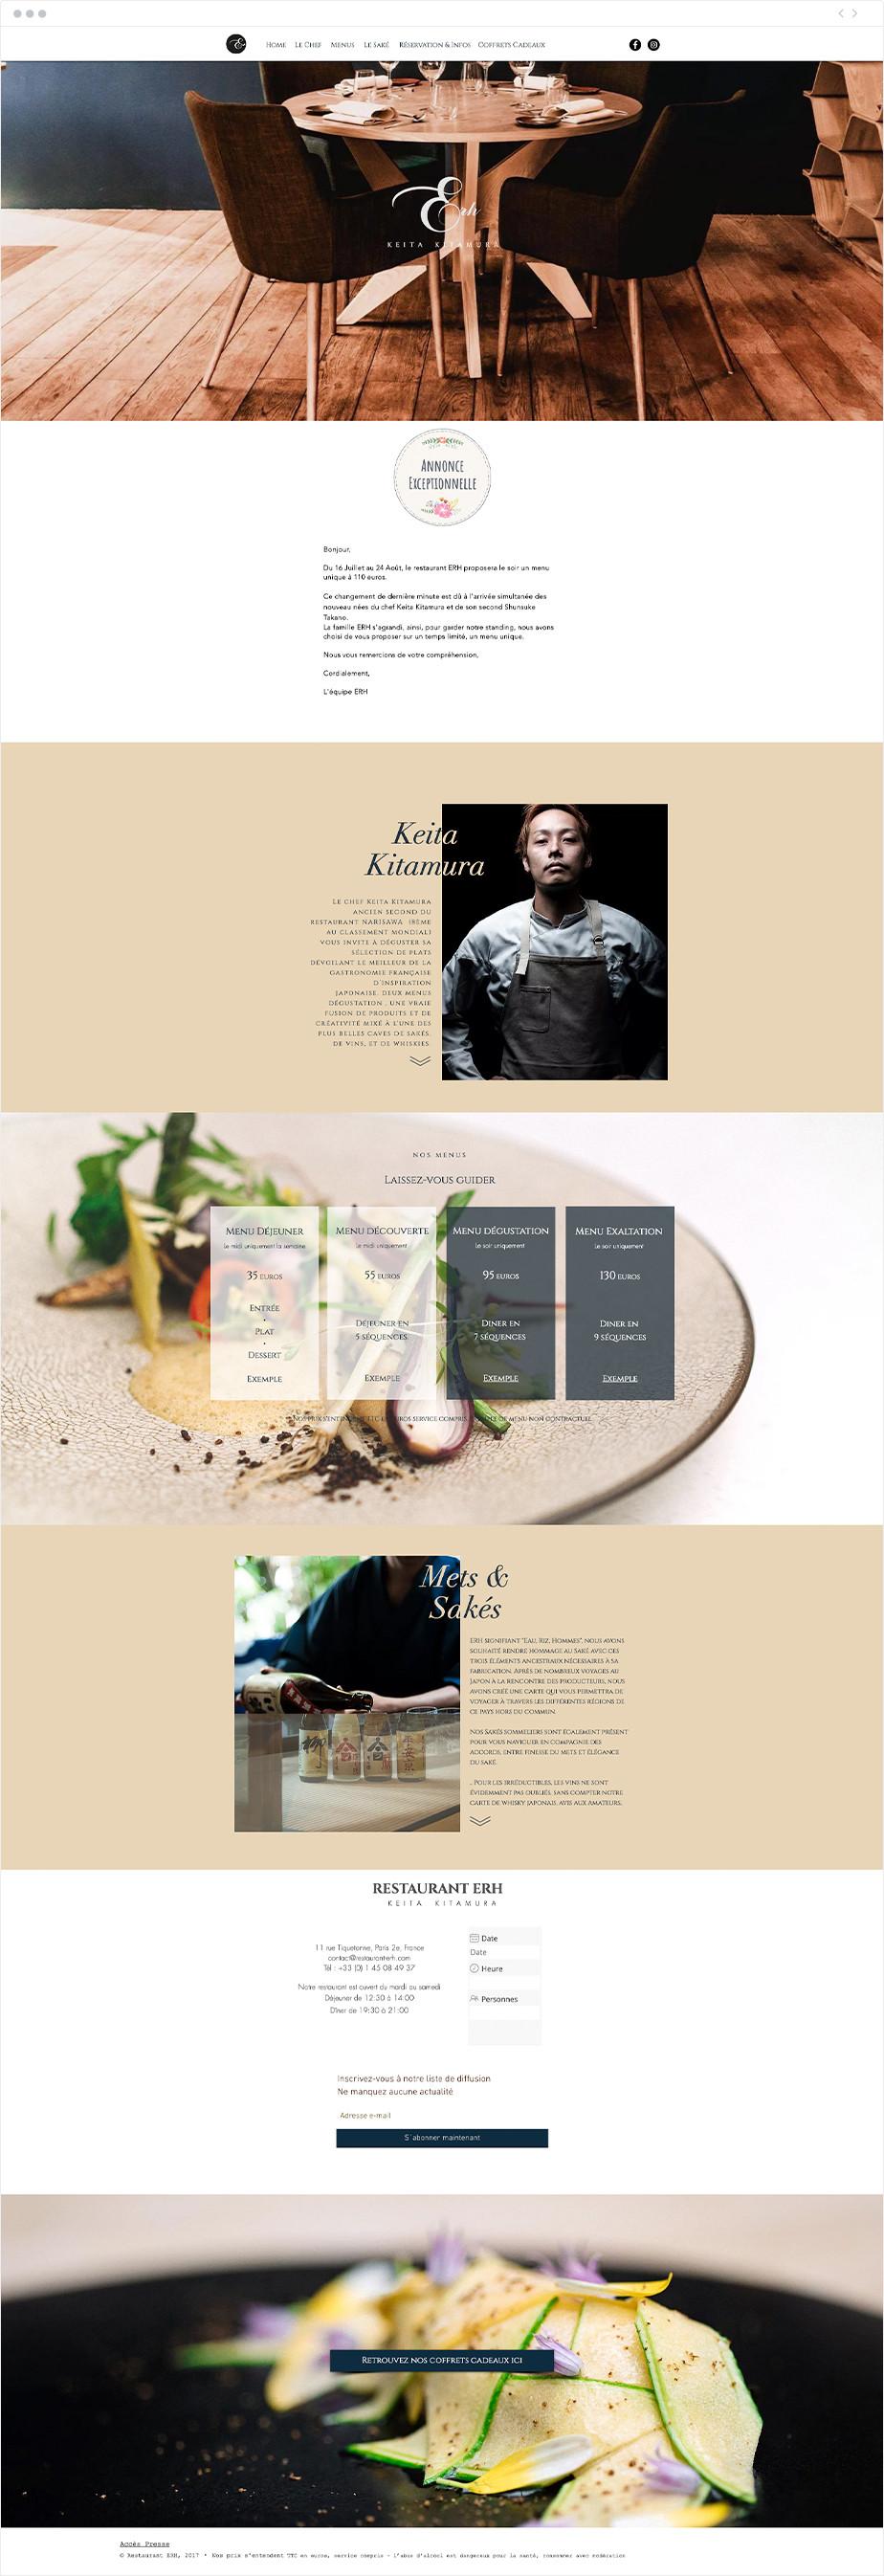 Exemples de site one-page - Erh